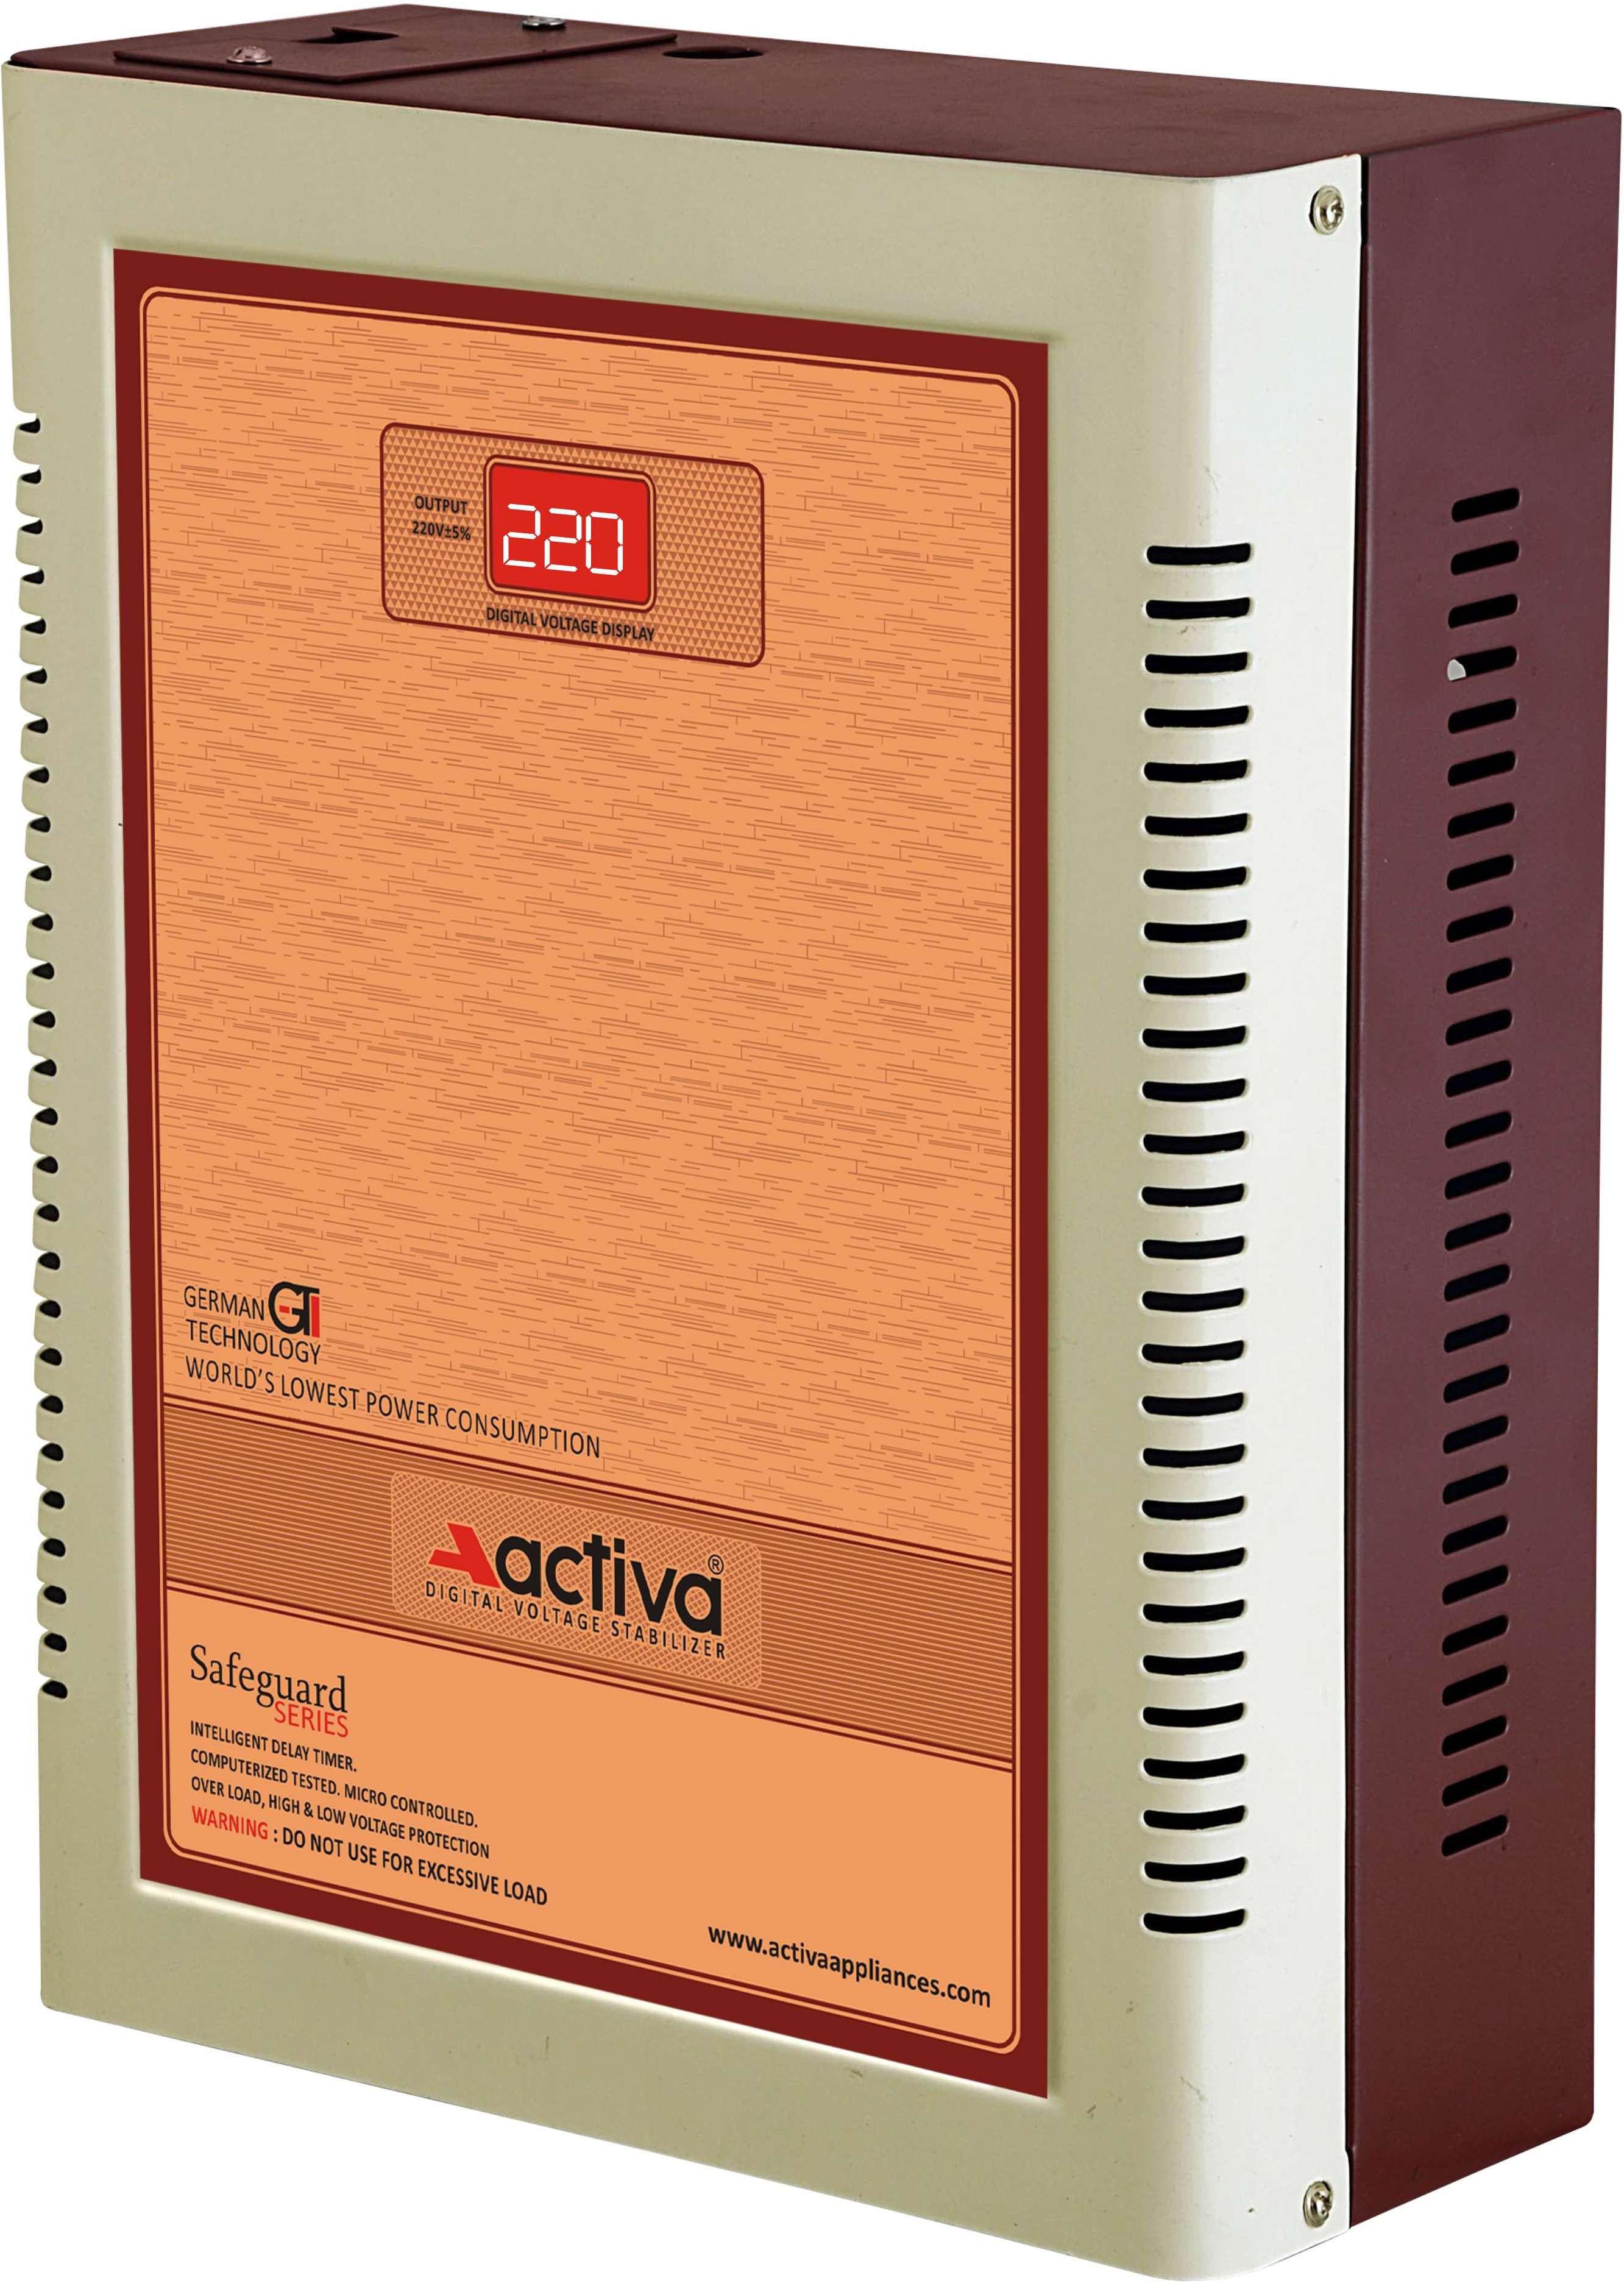 ACTIVA 4 KVA /140-290V DIGITAL AC VOLTAGE STABILIZER(IVORY-BROWN)